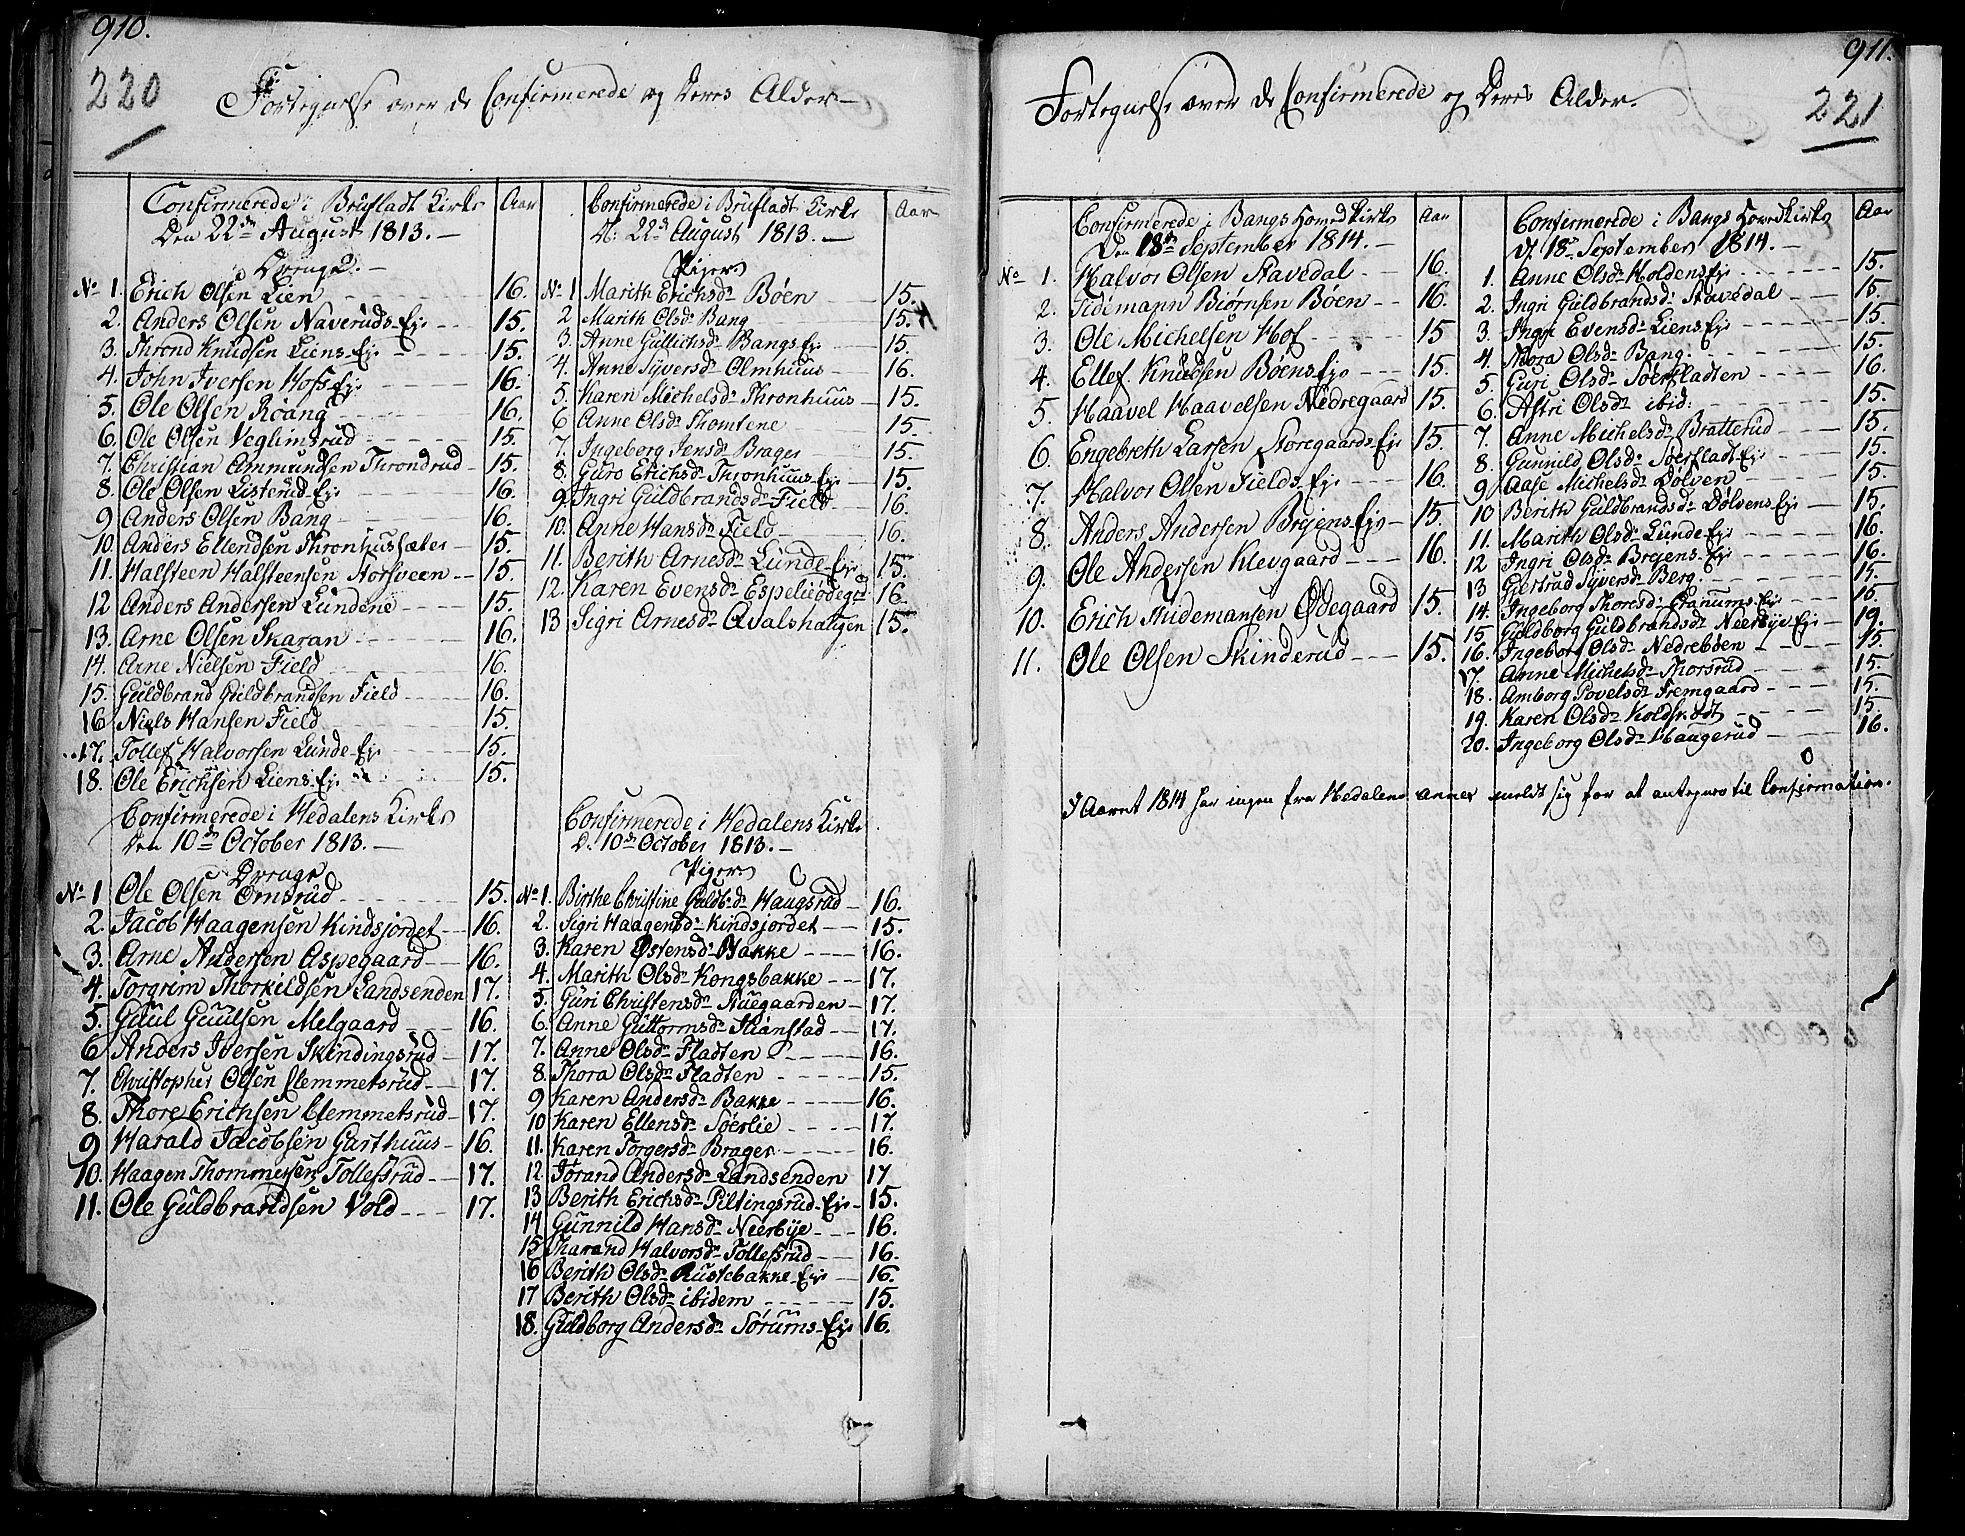 SAH, Sør-Aurdal prestekontor, Ministerialbok nr. 1, 1807-1815, s. 220-221